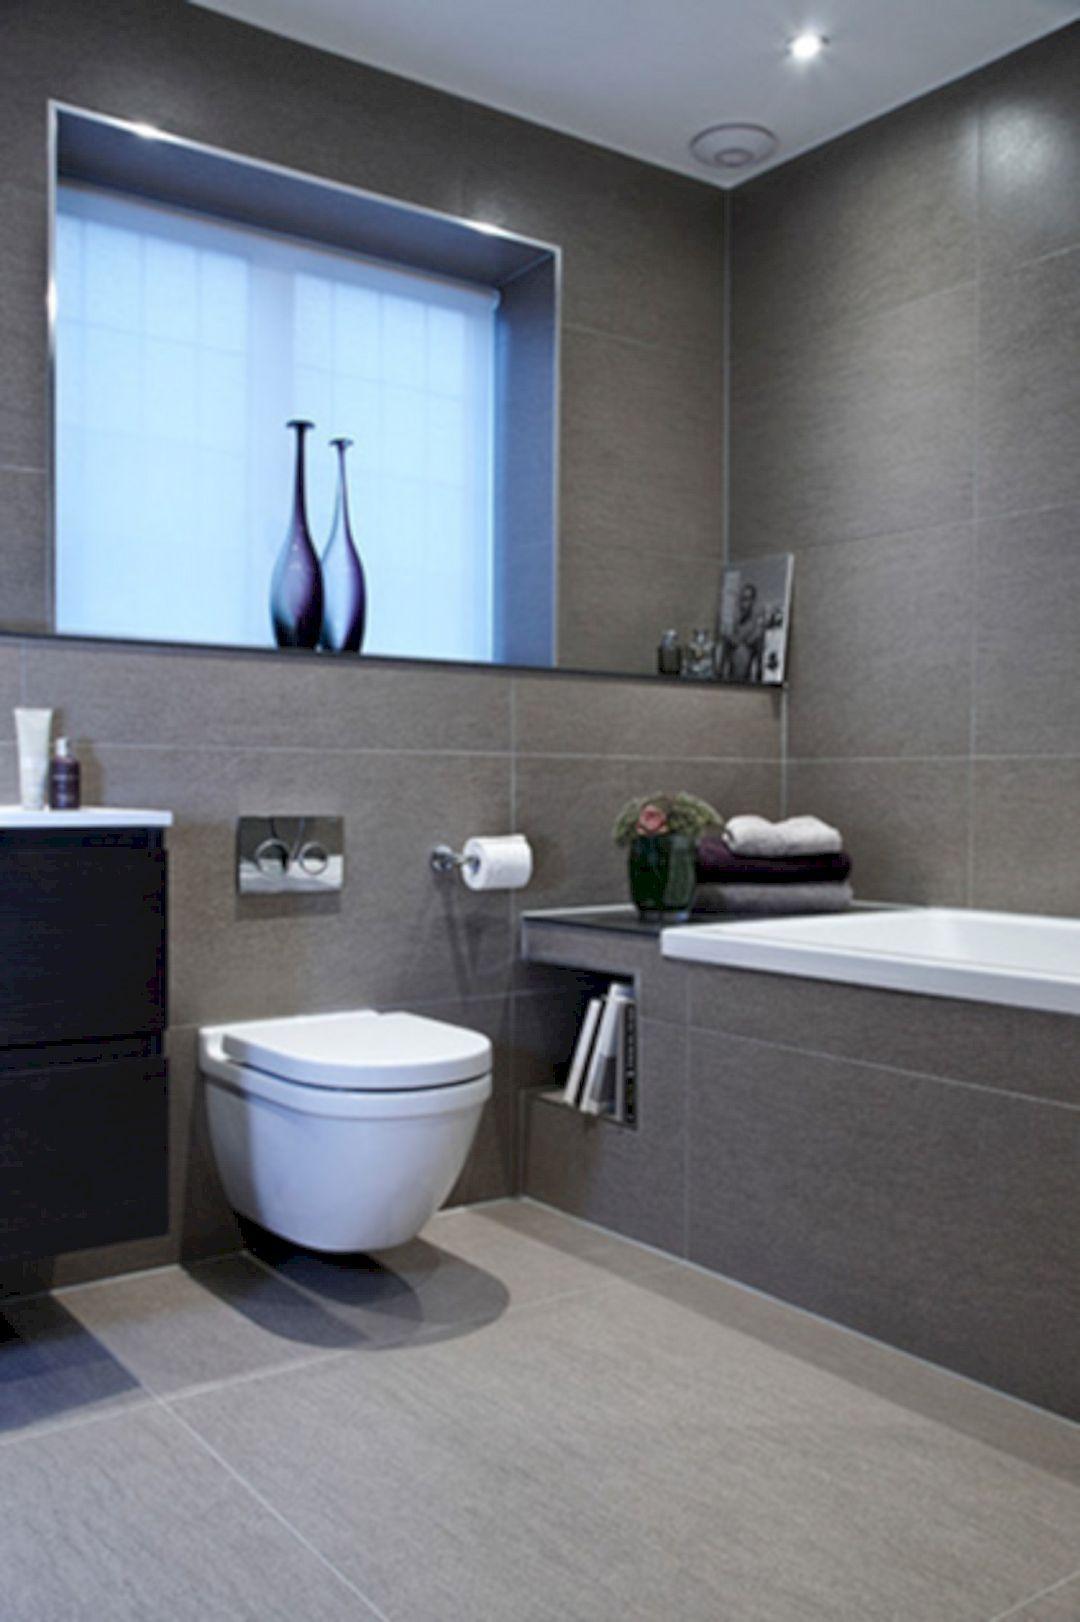 Stylish Modern Bathroom: 128 Best Designs Roundup | Badezimmer ...